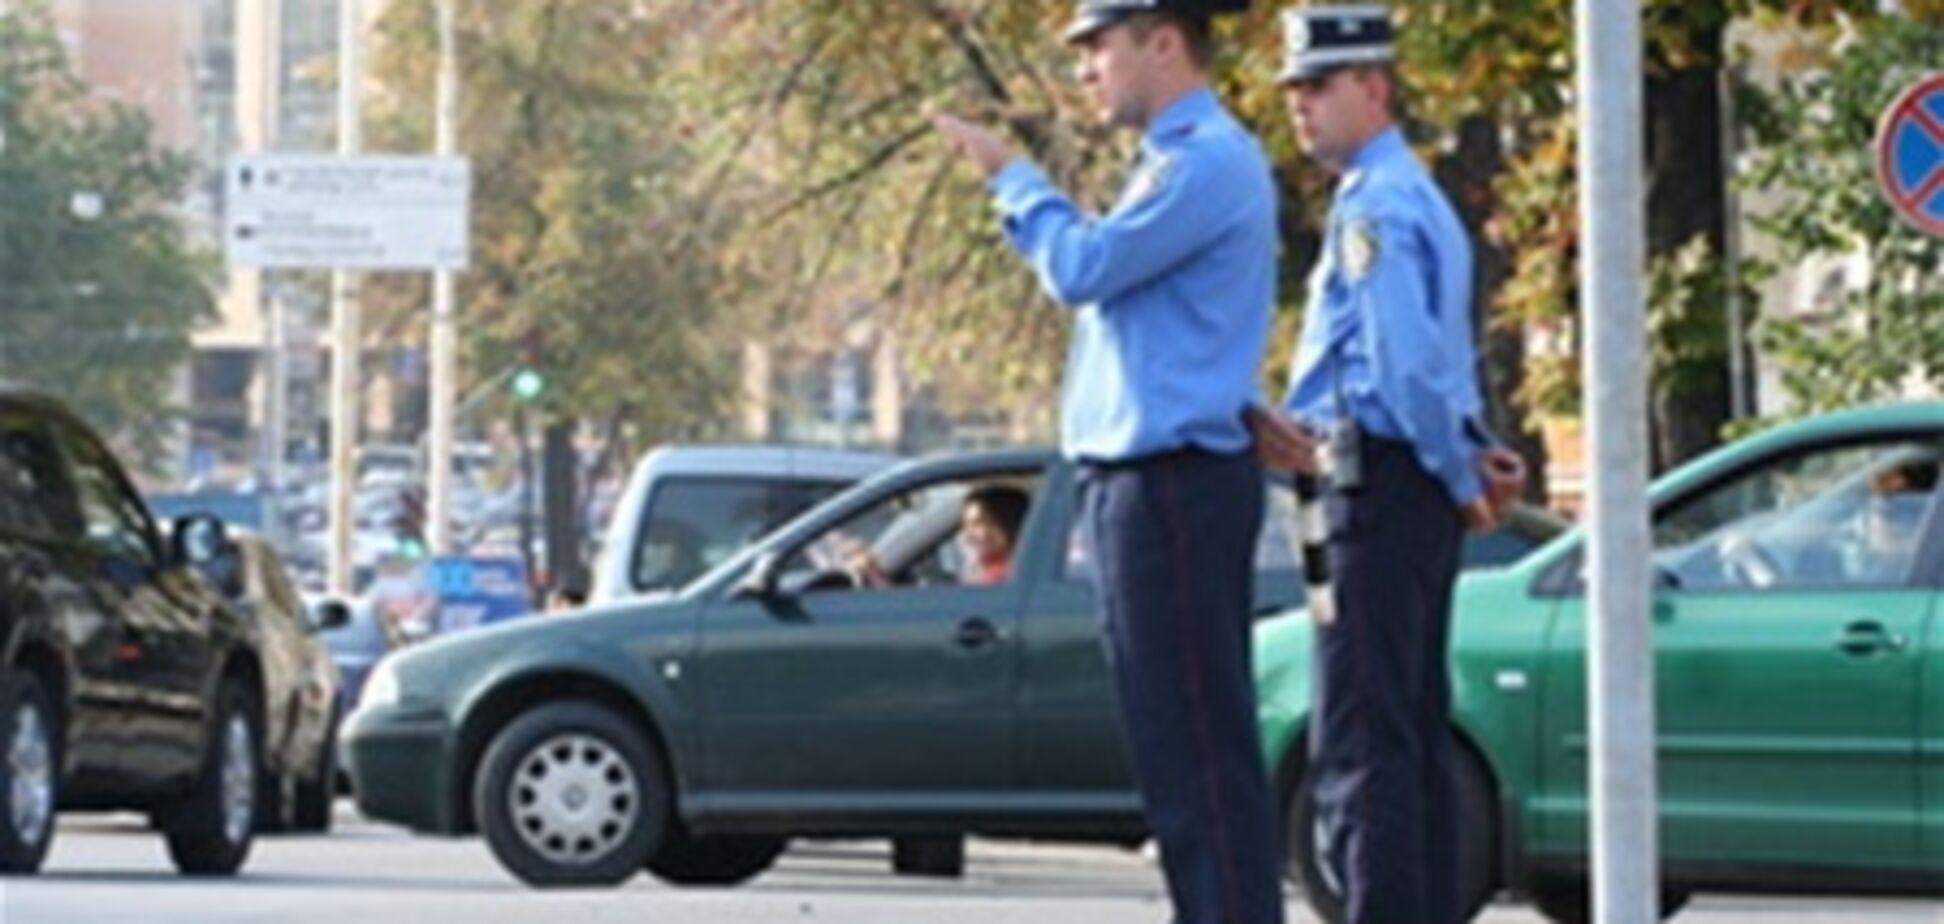 Инспектор обязан сообщить водителю причину его остановки